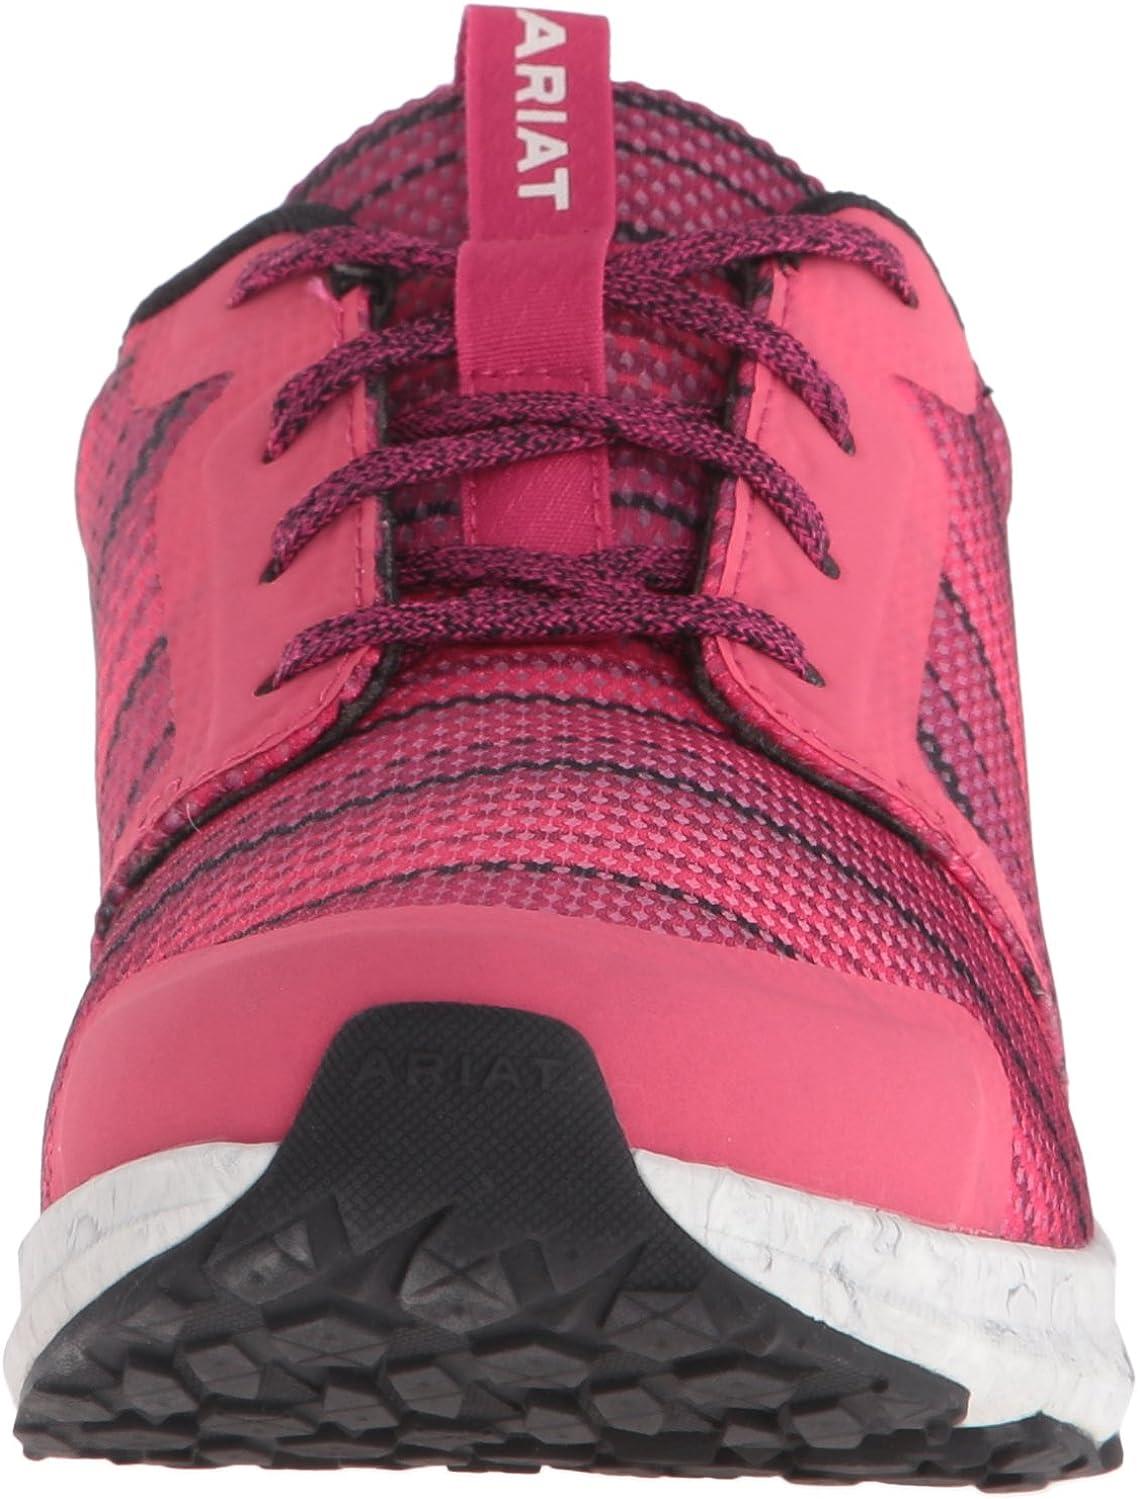 ARIAT Damen Plus Fuse, athletischer Schuh, braun Pinkes Serape Mesh QdBV8